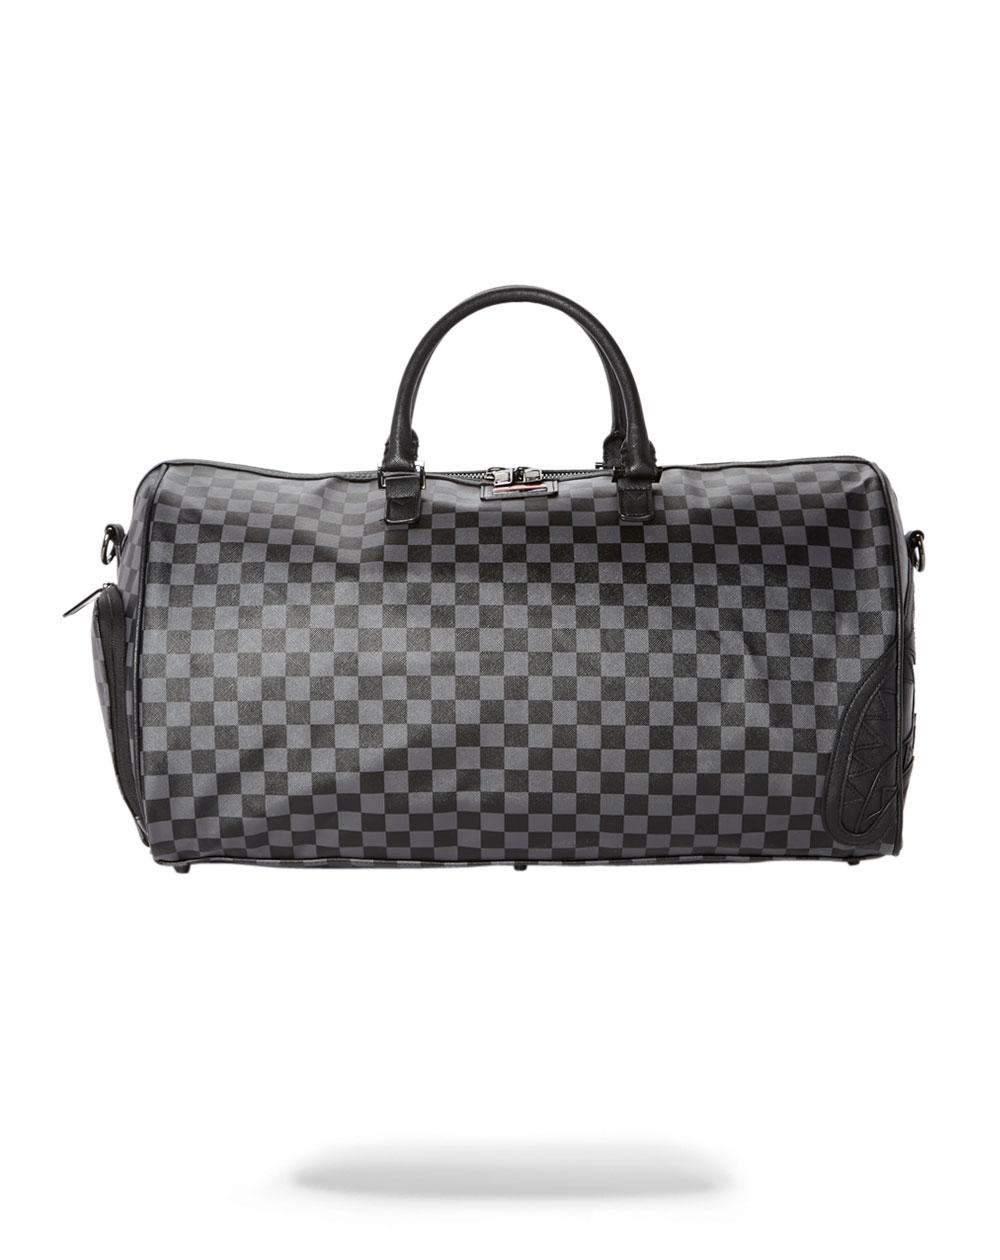 Sprayground Bolsa de Viaje Henny Black Checkered